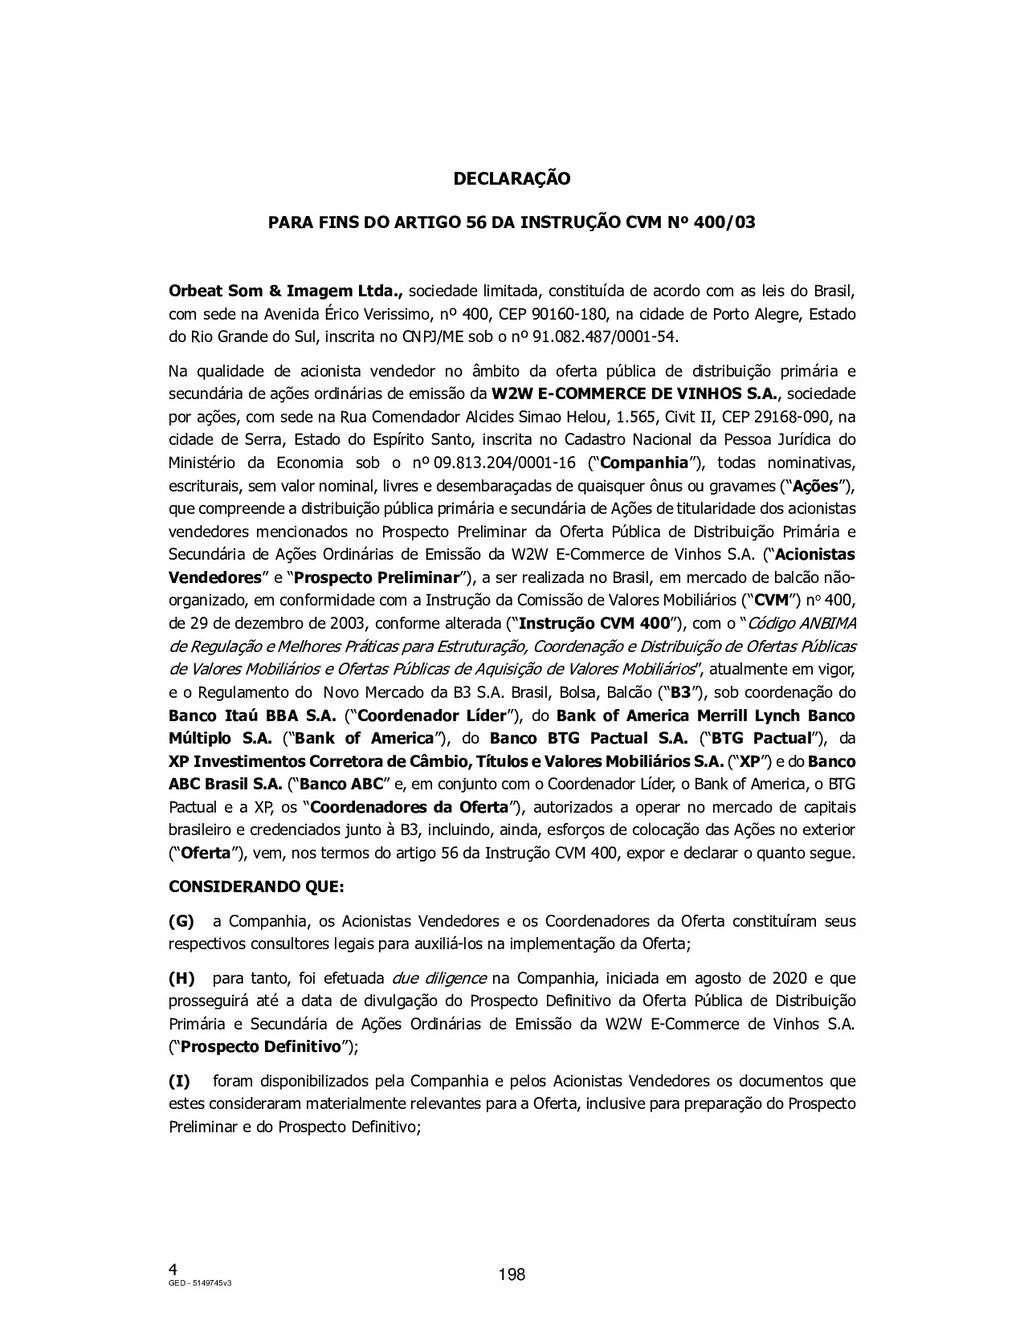 4 GED - 5149745v3 DECLARAÇÃO PARA FINS DO ARTIG...